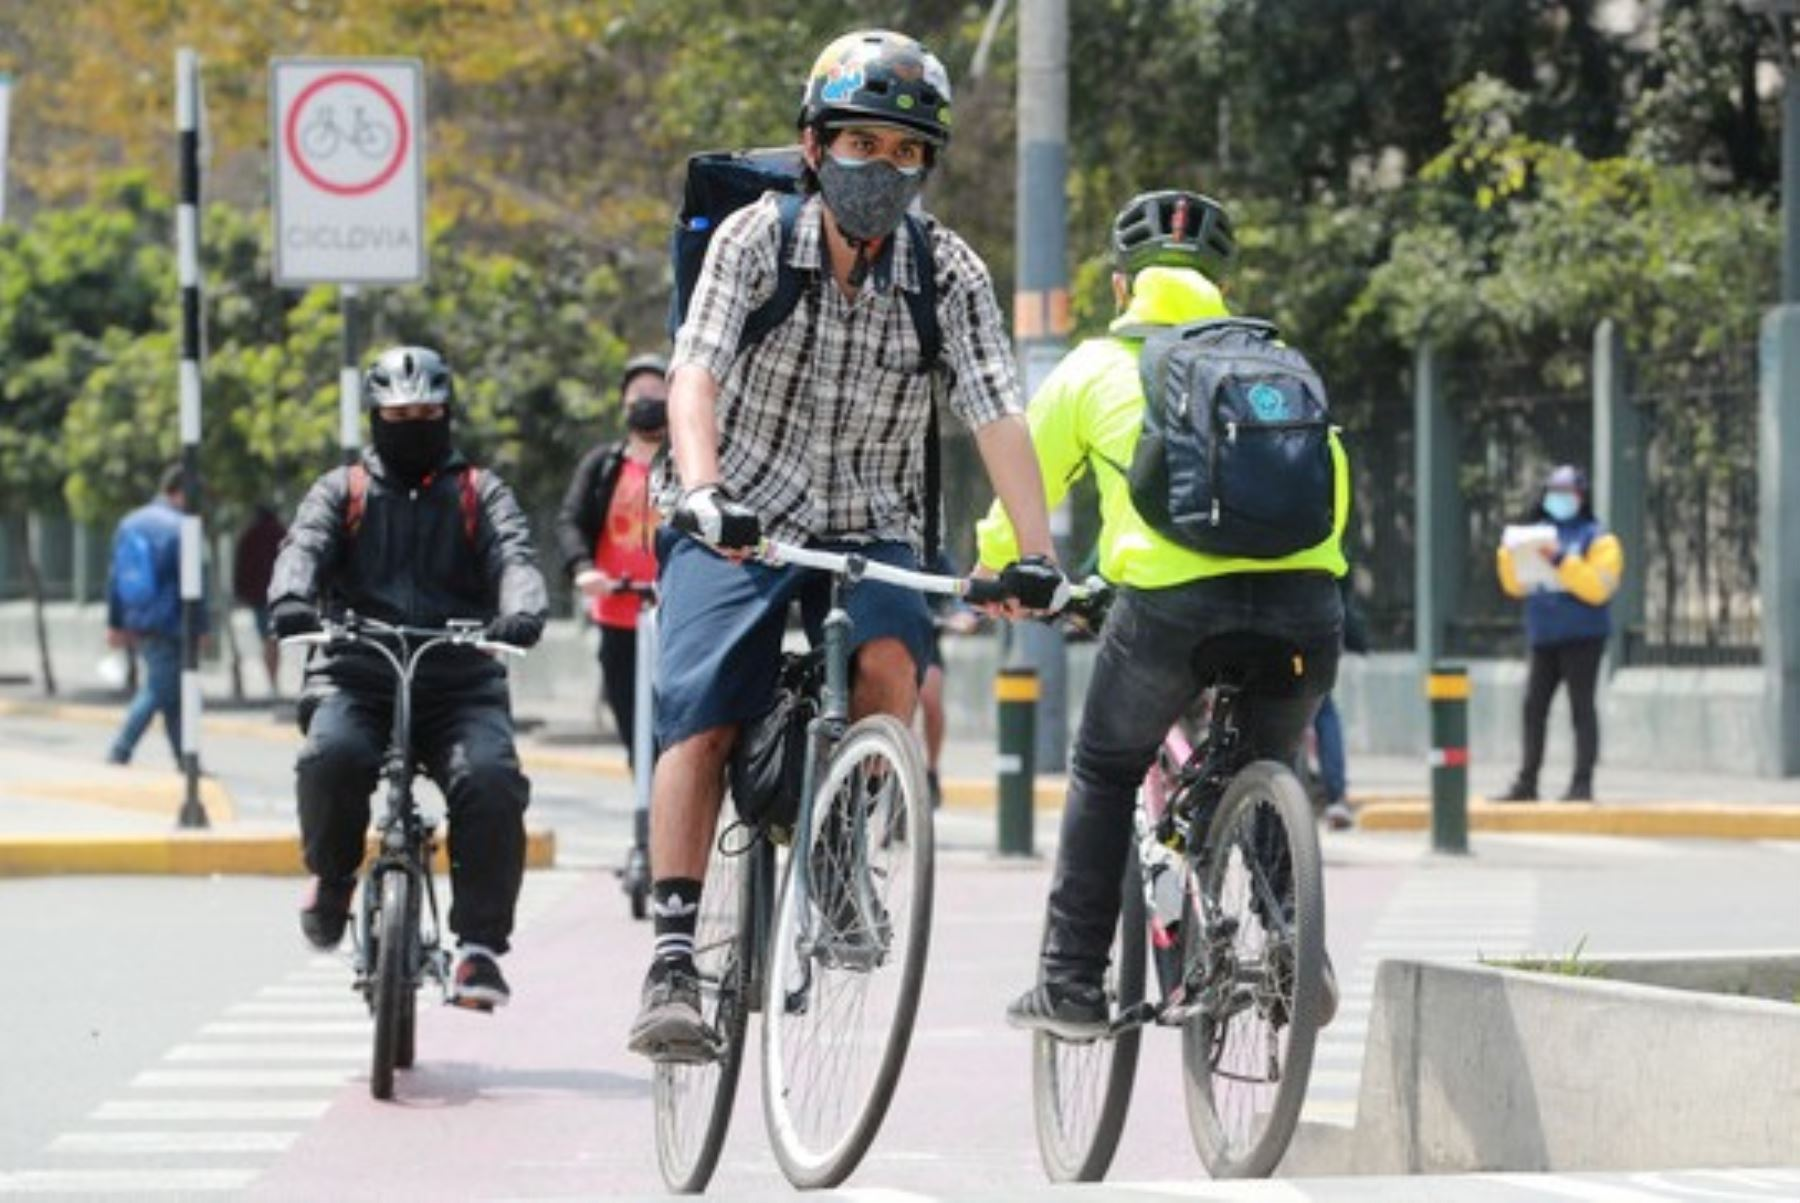 ¡Ciclistas! Normas, derechos y lo que debes saber para conducir una bicicleta [video]